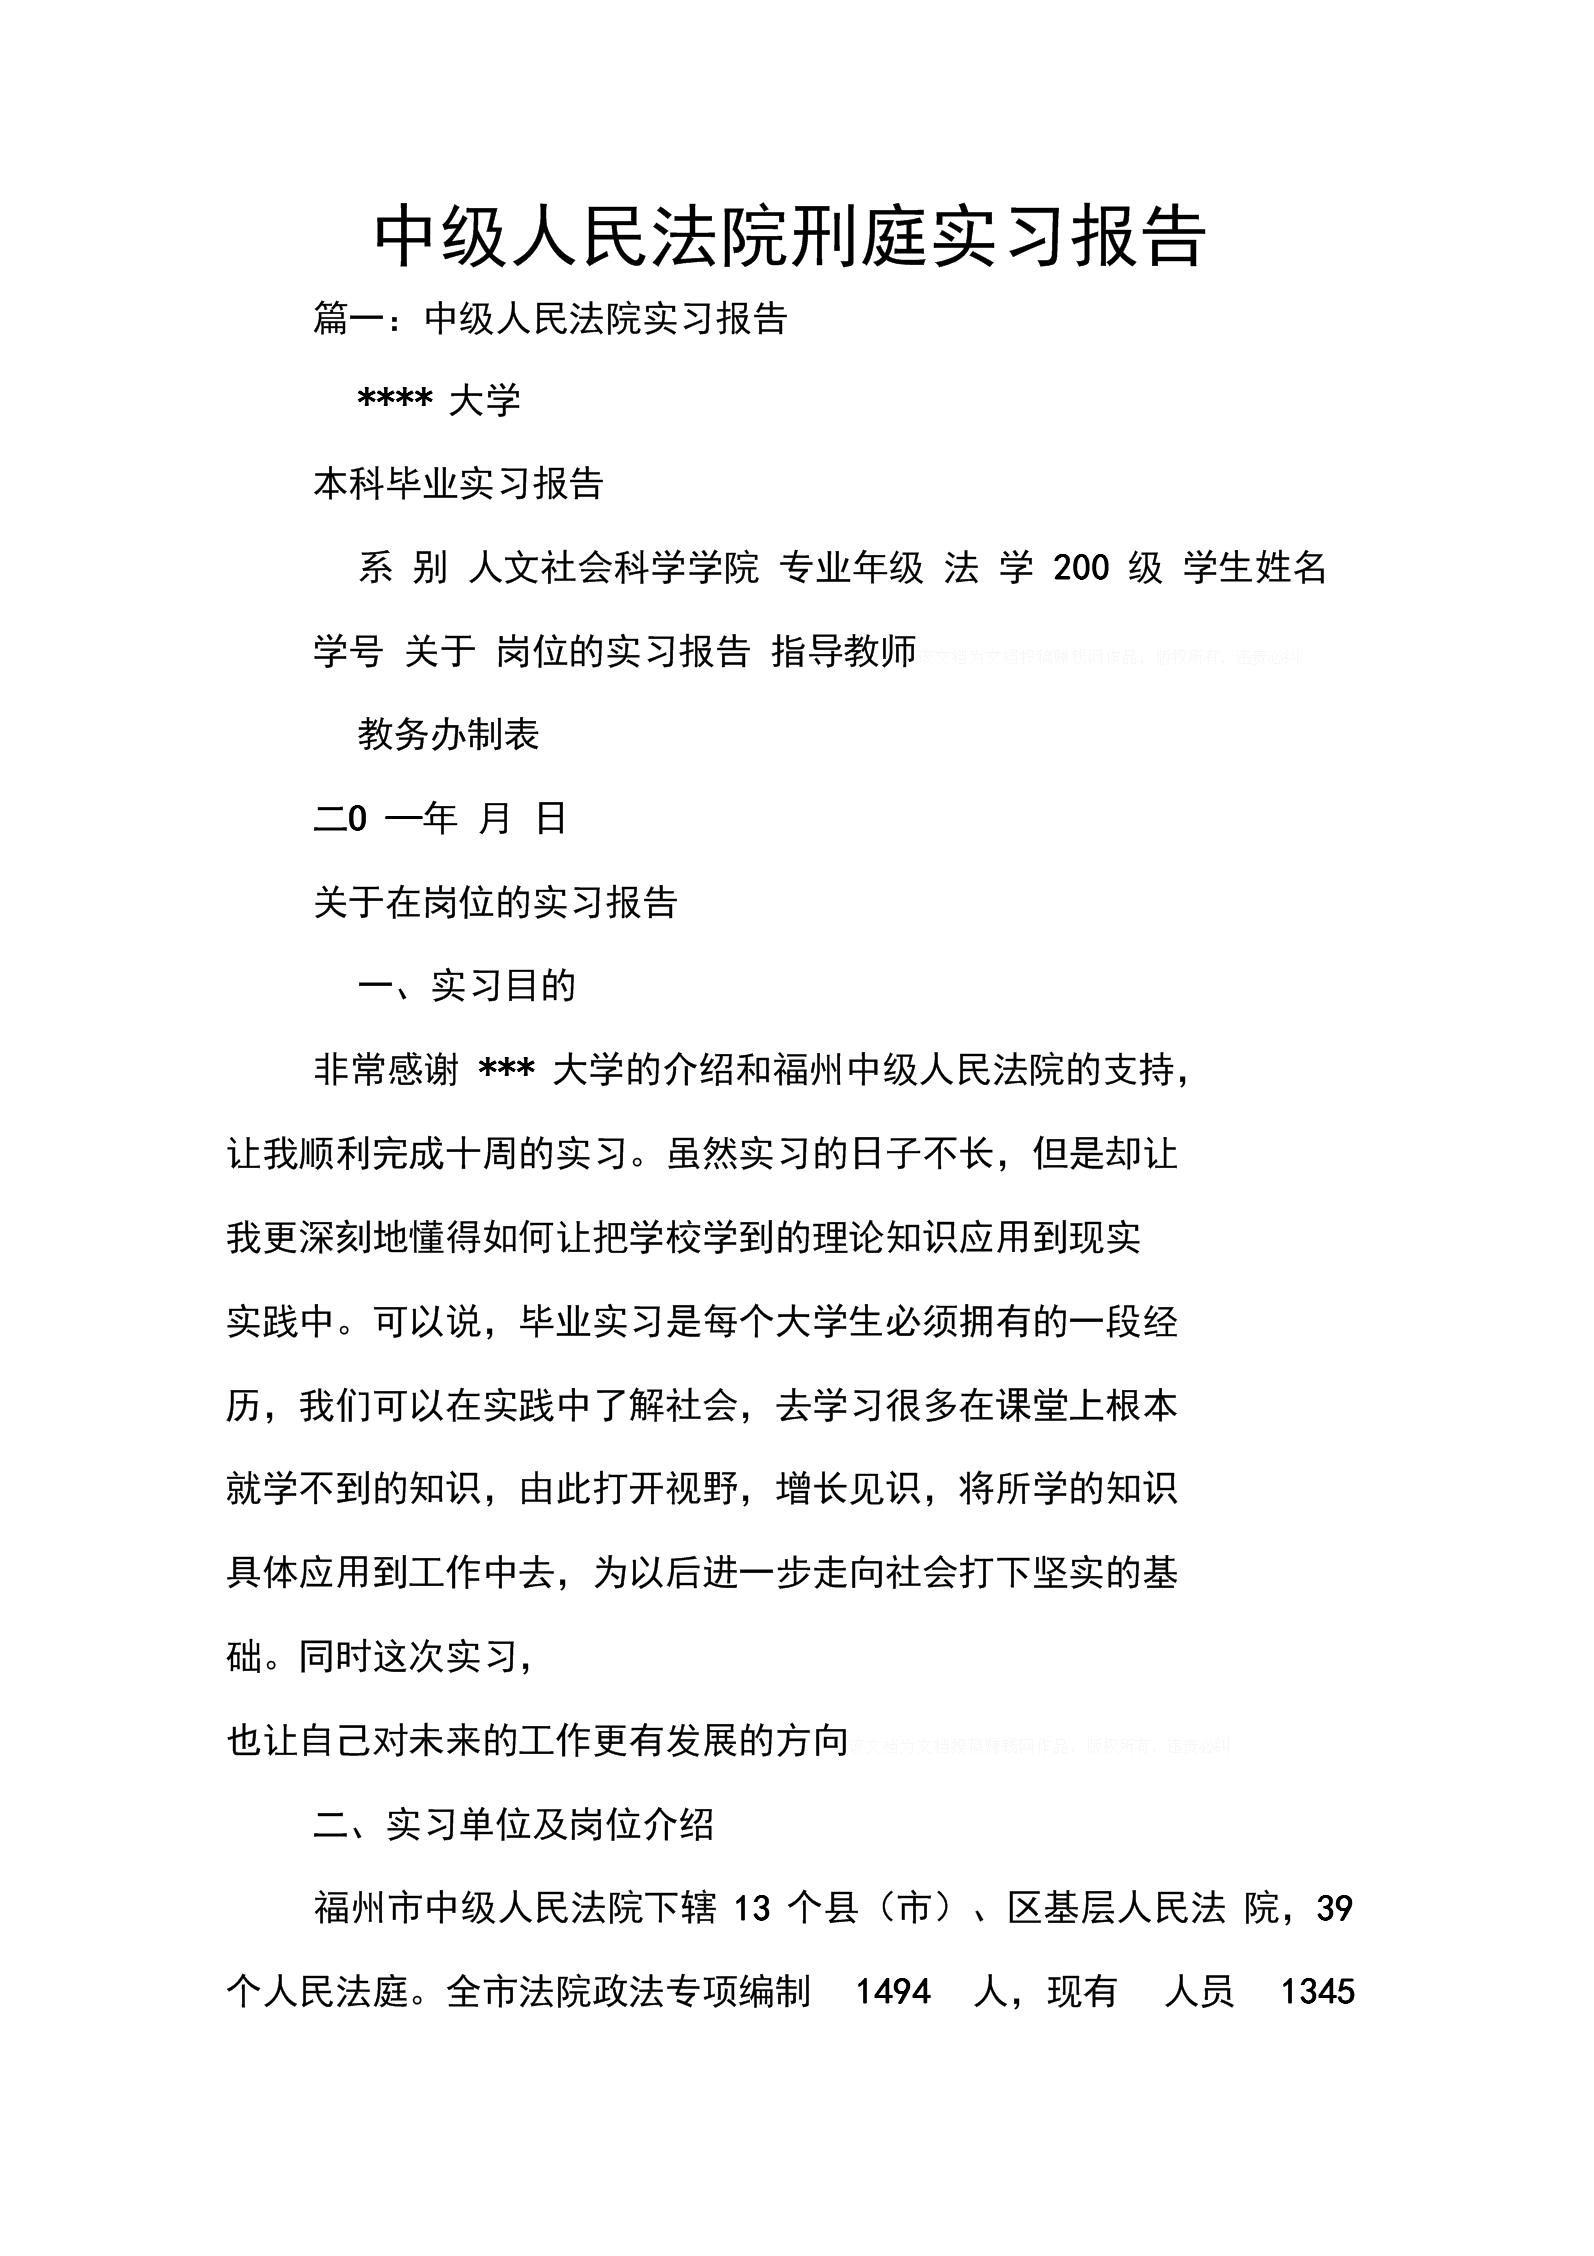 中级人民法院刑庭实习报告.docx